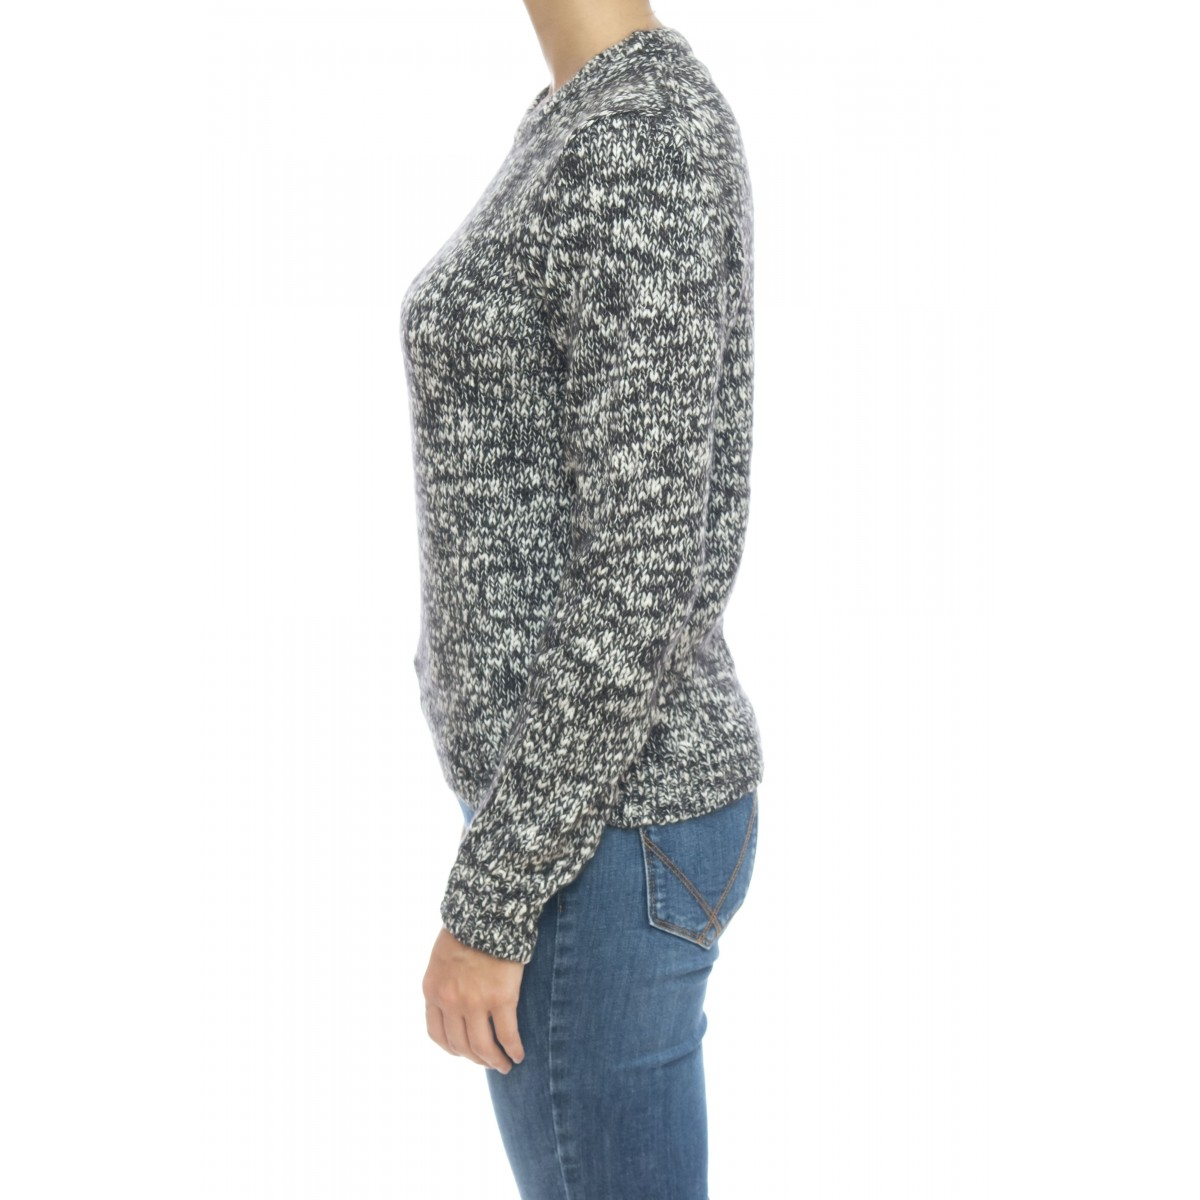 Maglieria - K29230 maglia mouline giro